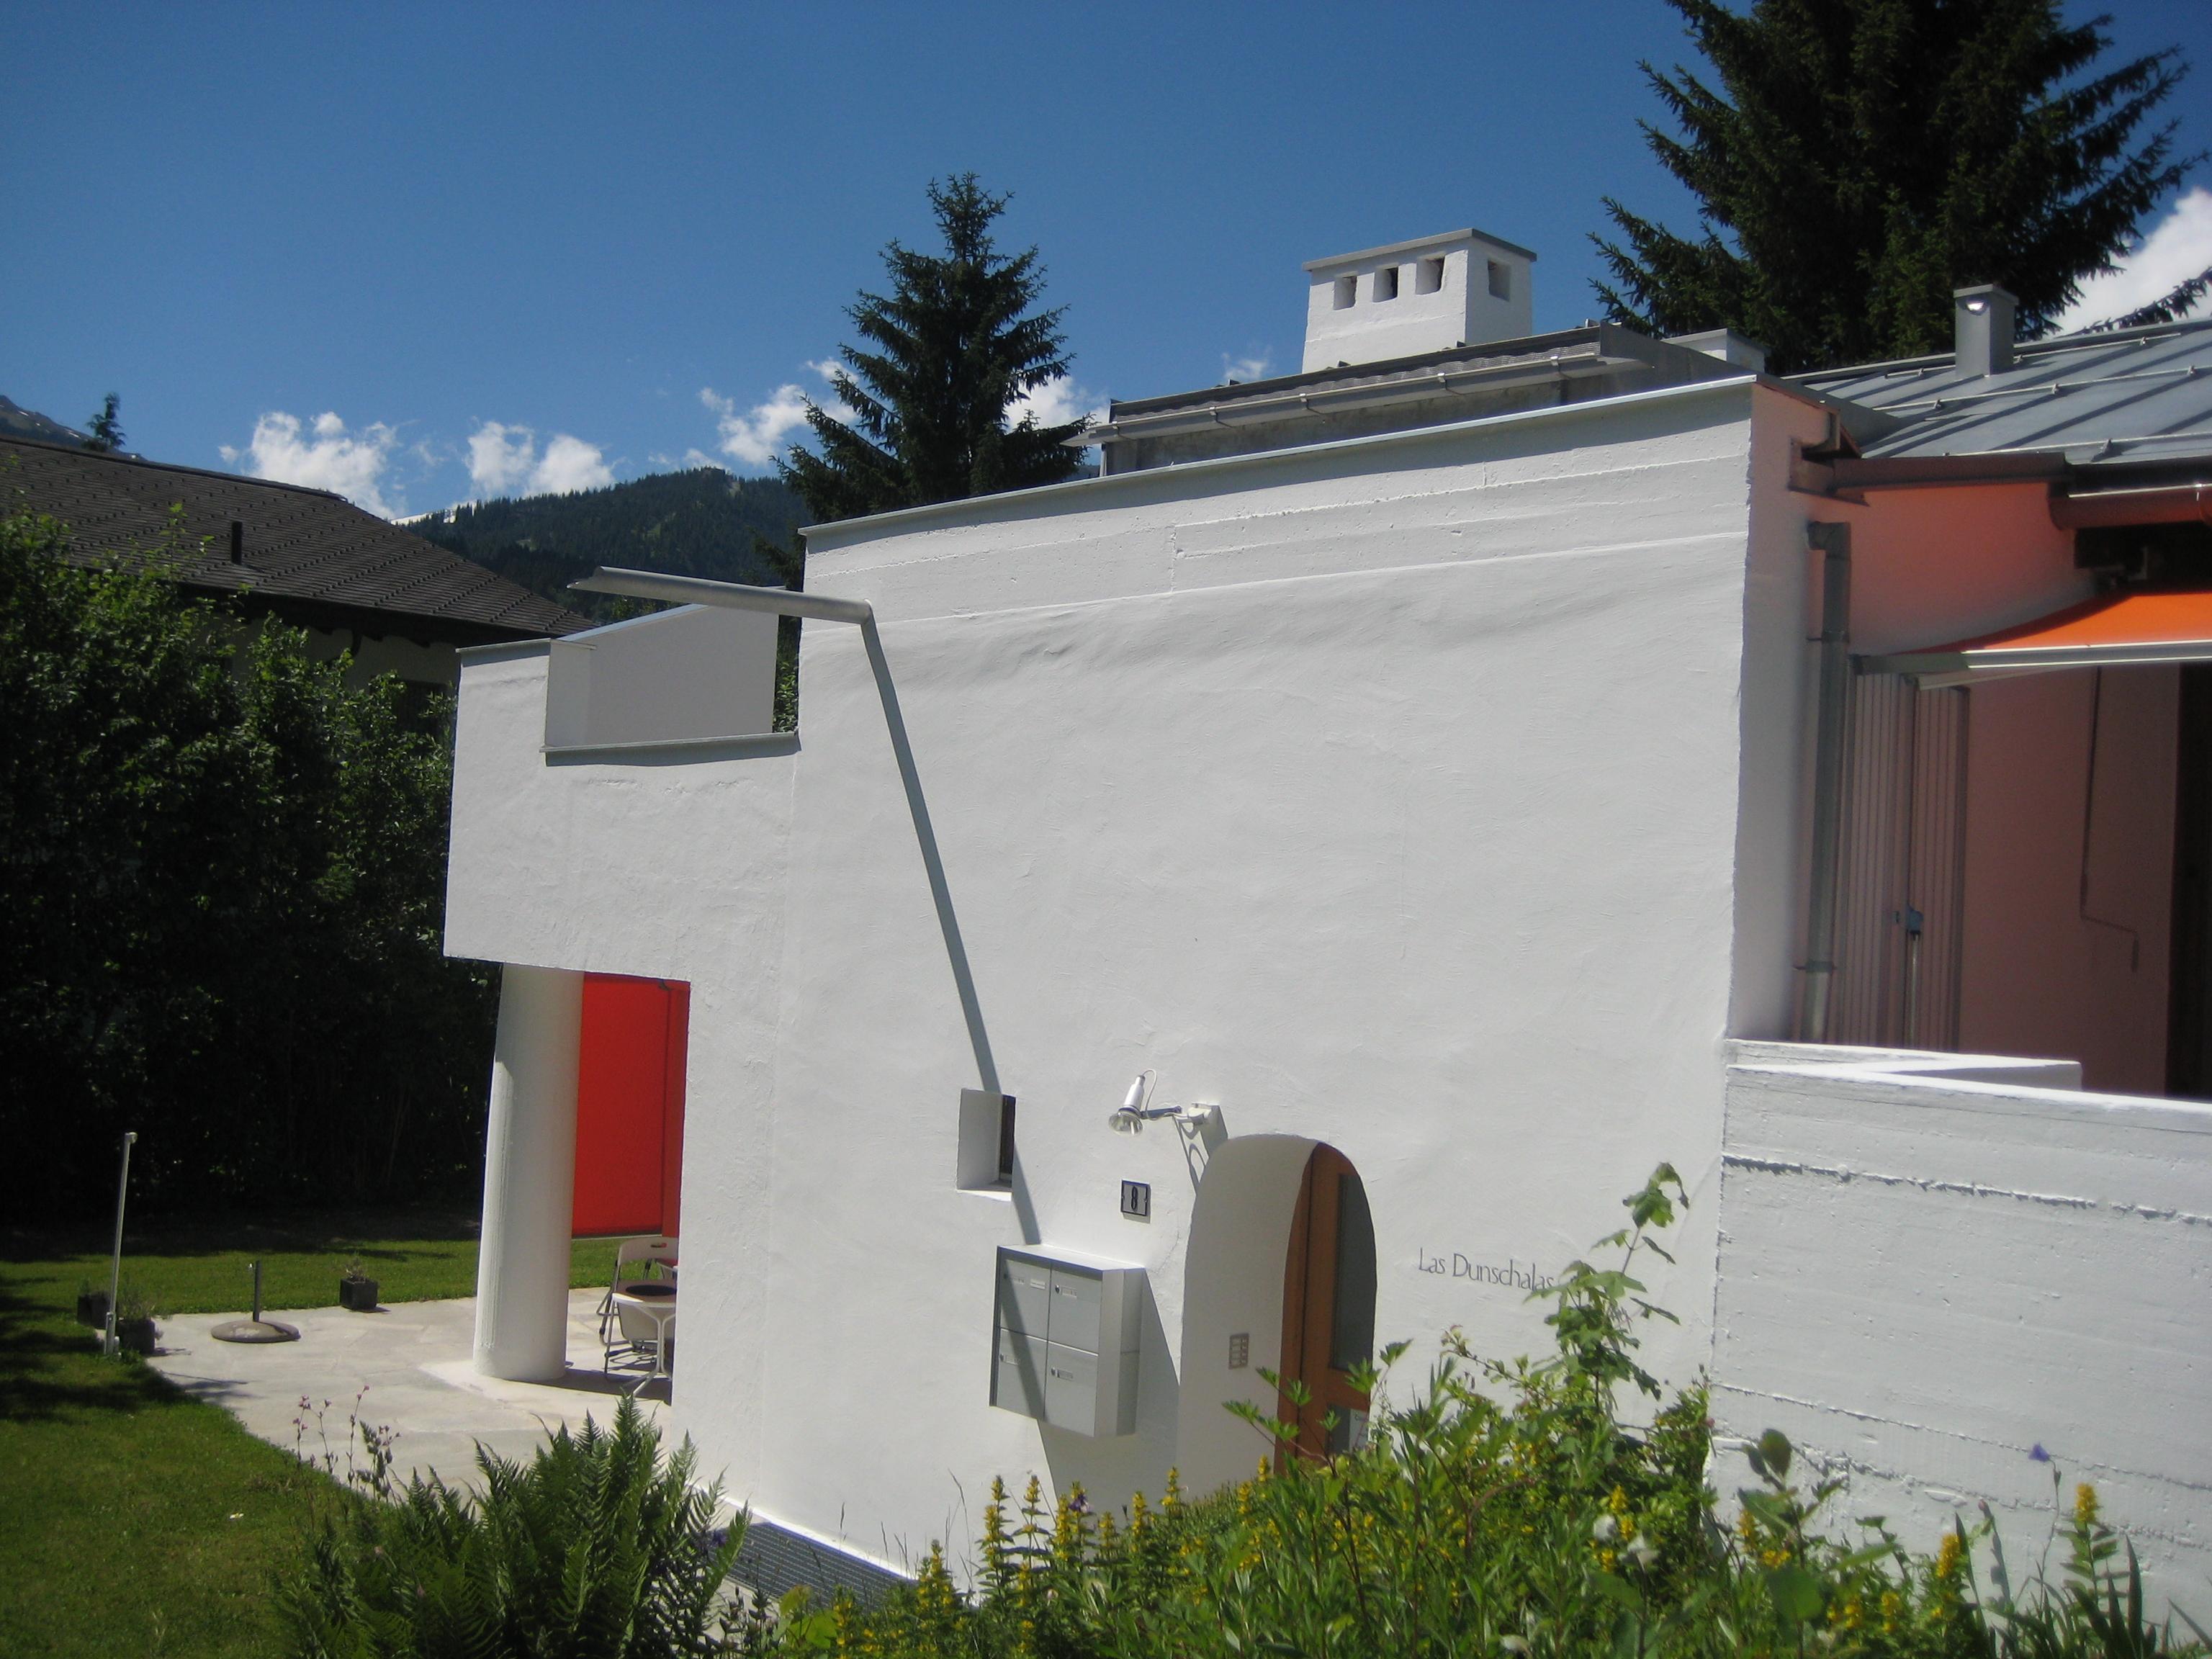 Casa Las Dunschalas - Süd